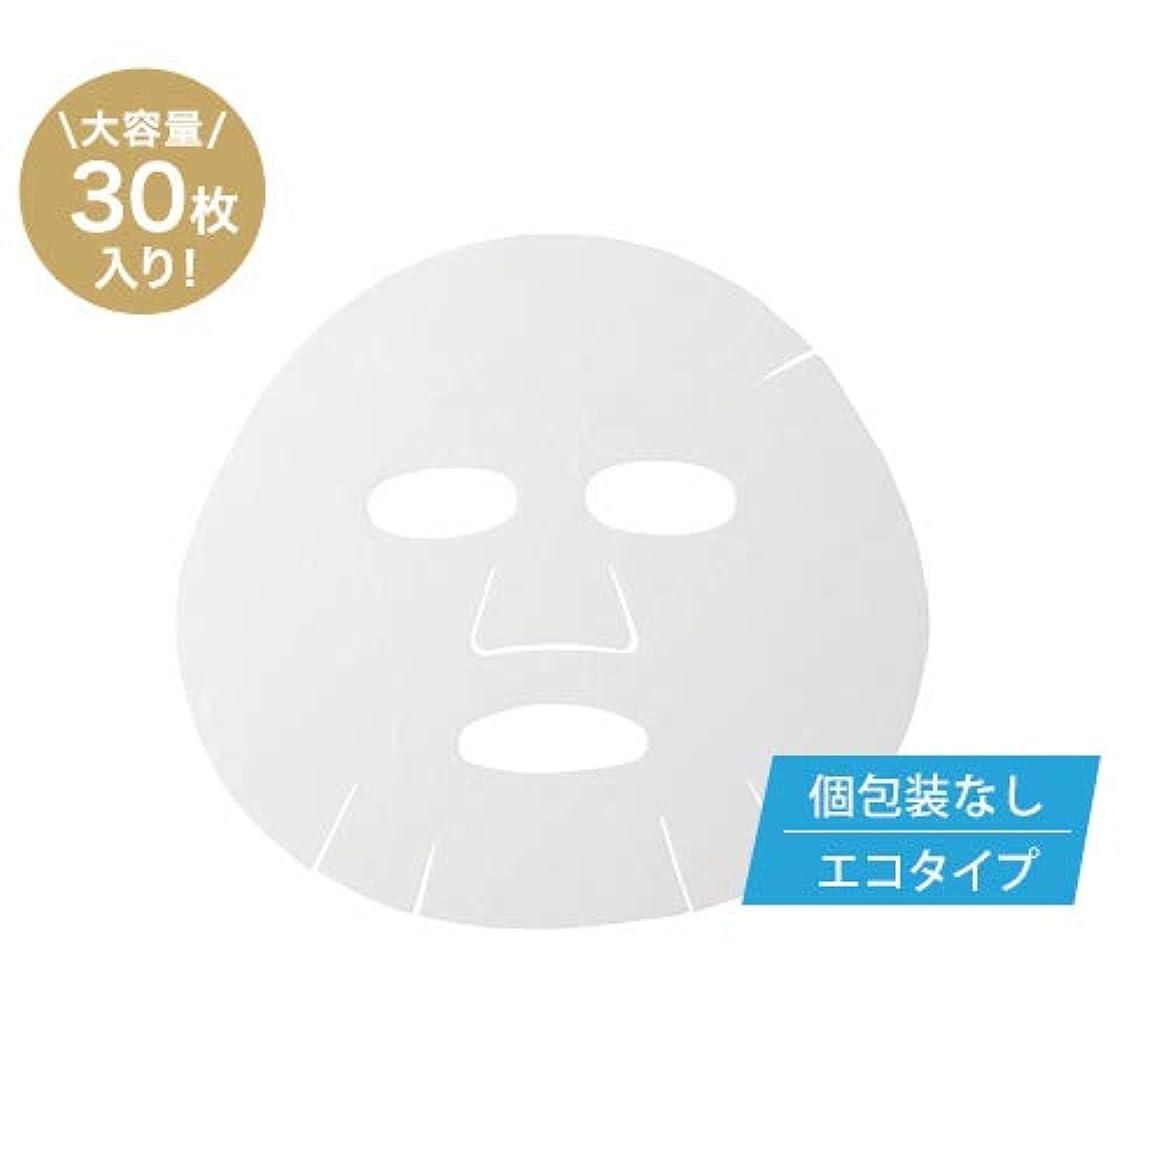 楽な現れるくそーMAMEW エッセンスシートマスク(個包装無し?大容量タイプ)-日本製の顔パック-毛穴を引き締める?保湿効果?くすみ?しわ対策におすすめ?お肌しっとり-EGF配合-お得な30枚セット